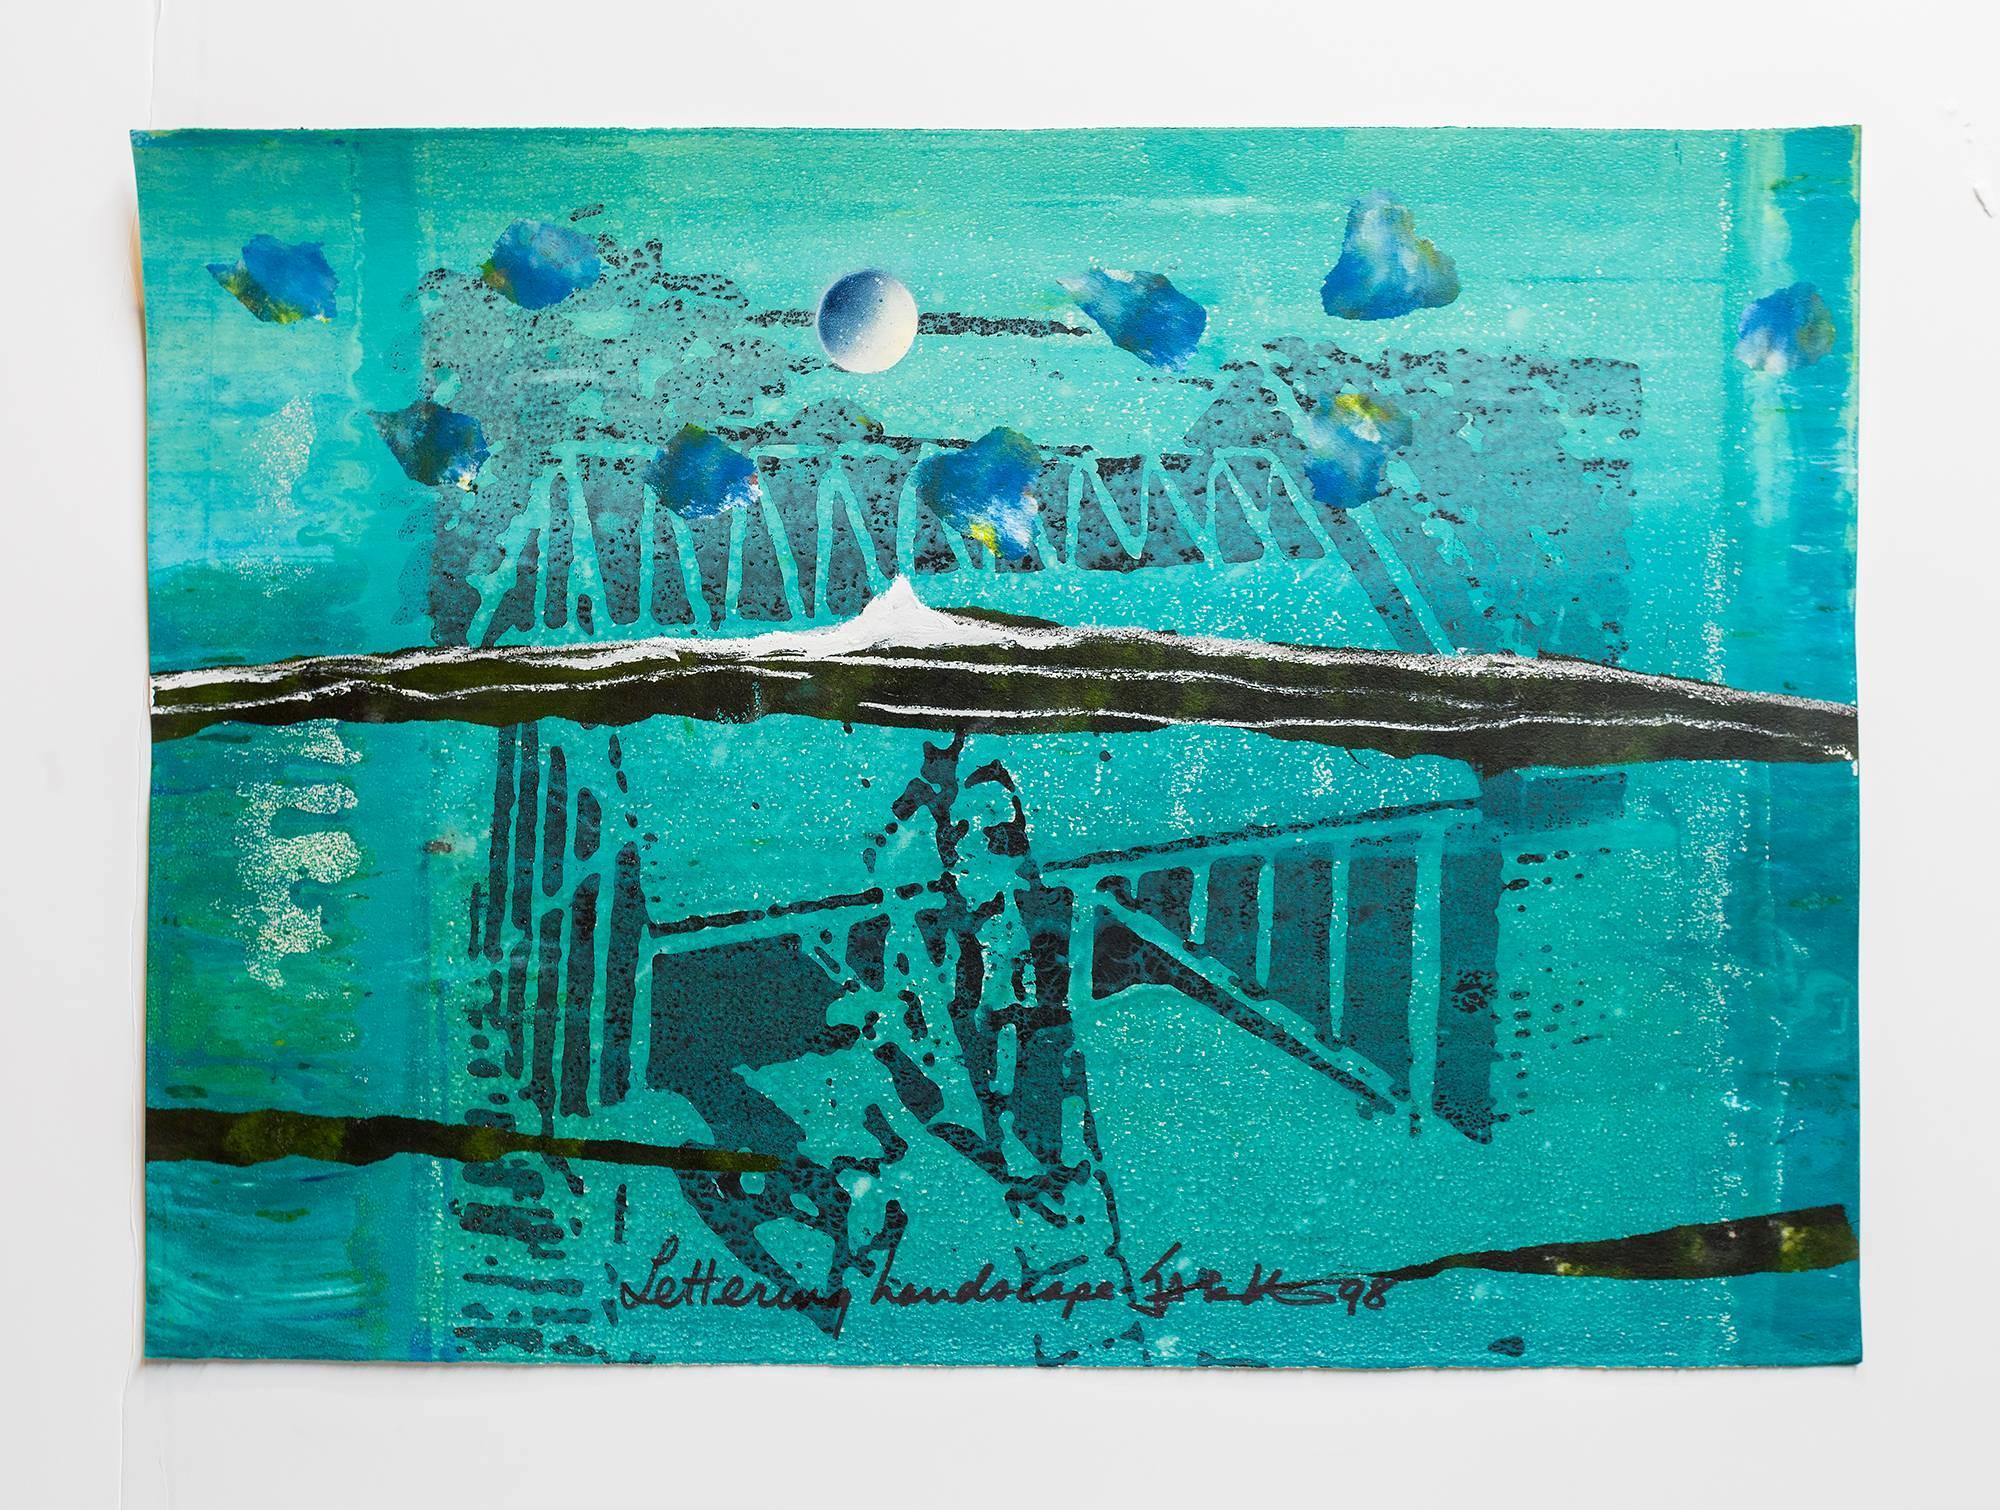 """Iain Baxter& """"Lettering Landscape"""" Conceptual Monoprint Painting"""